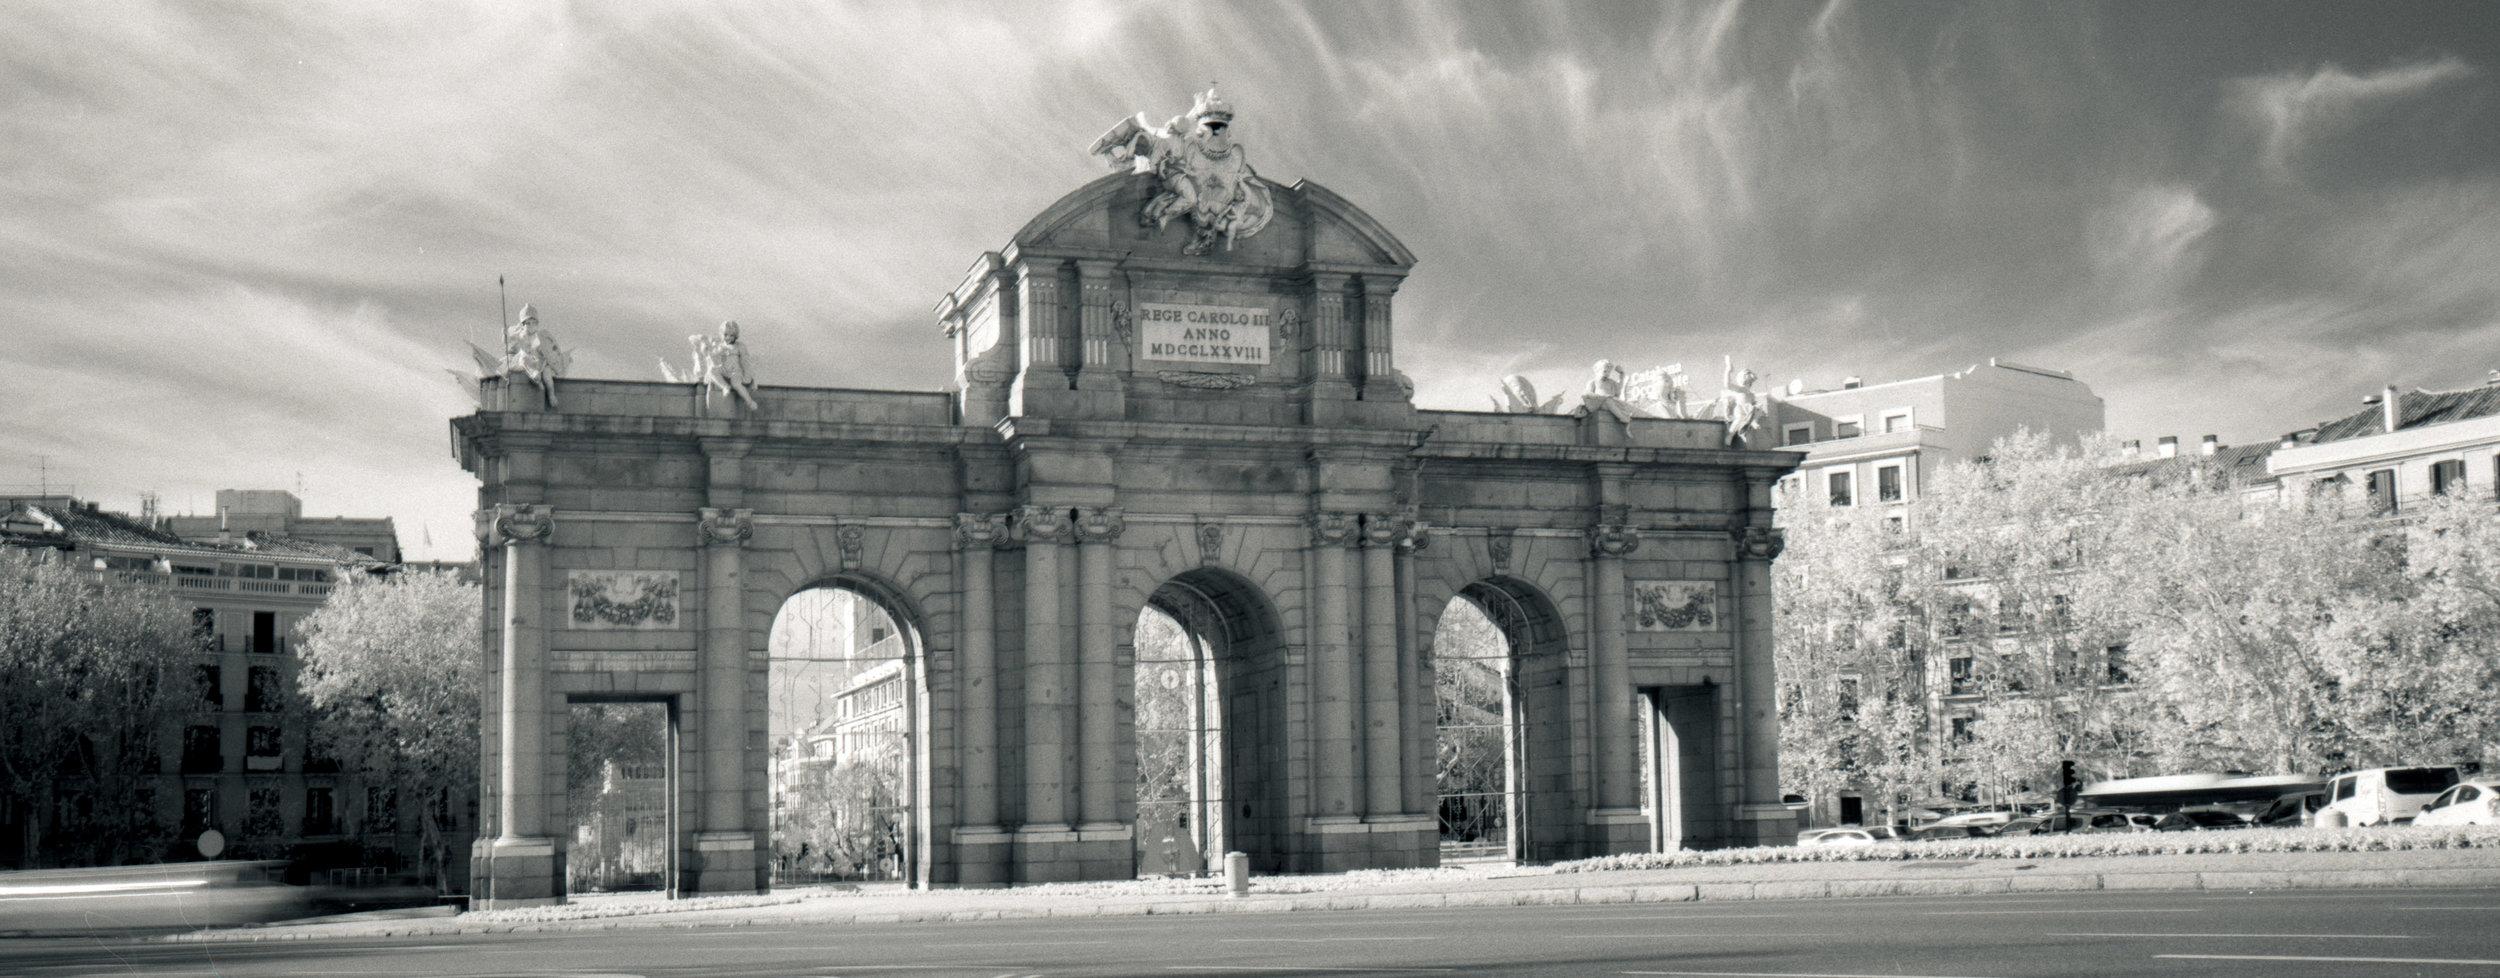 MadridInfrared12.jpg